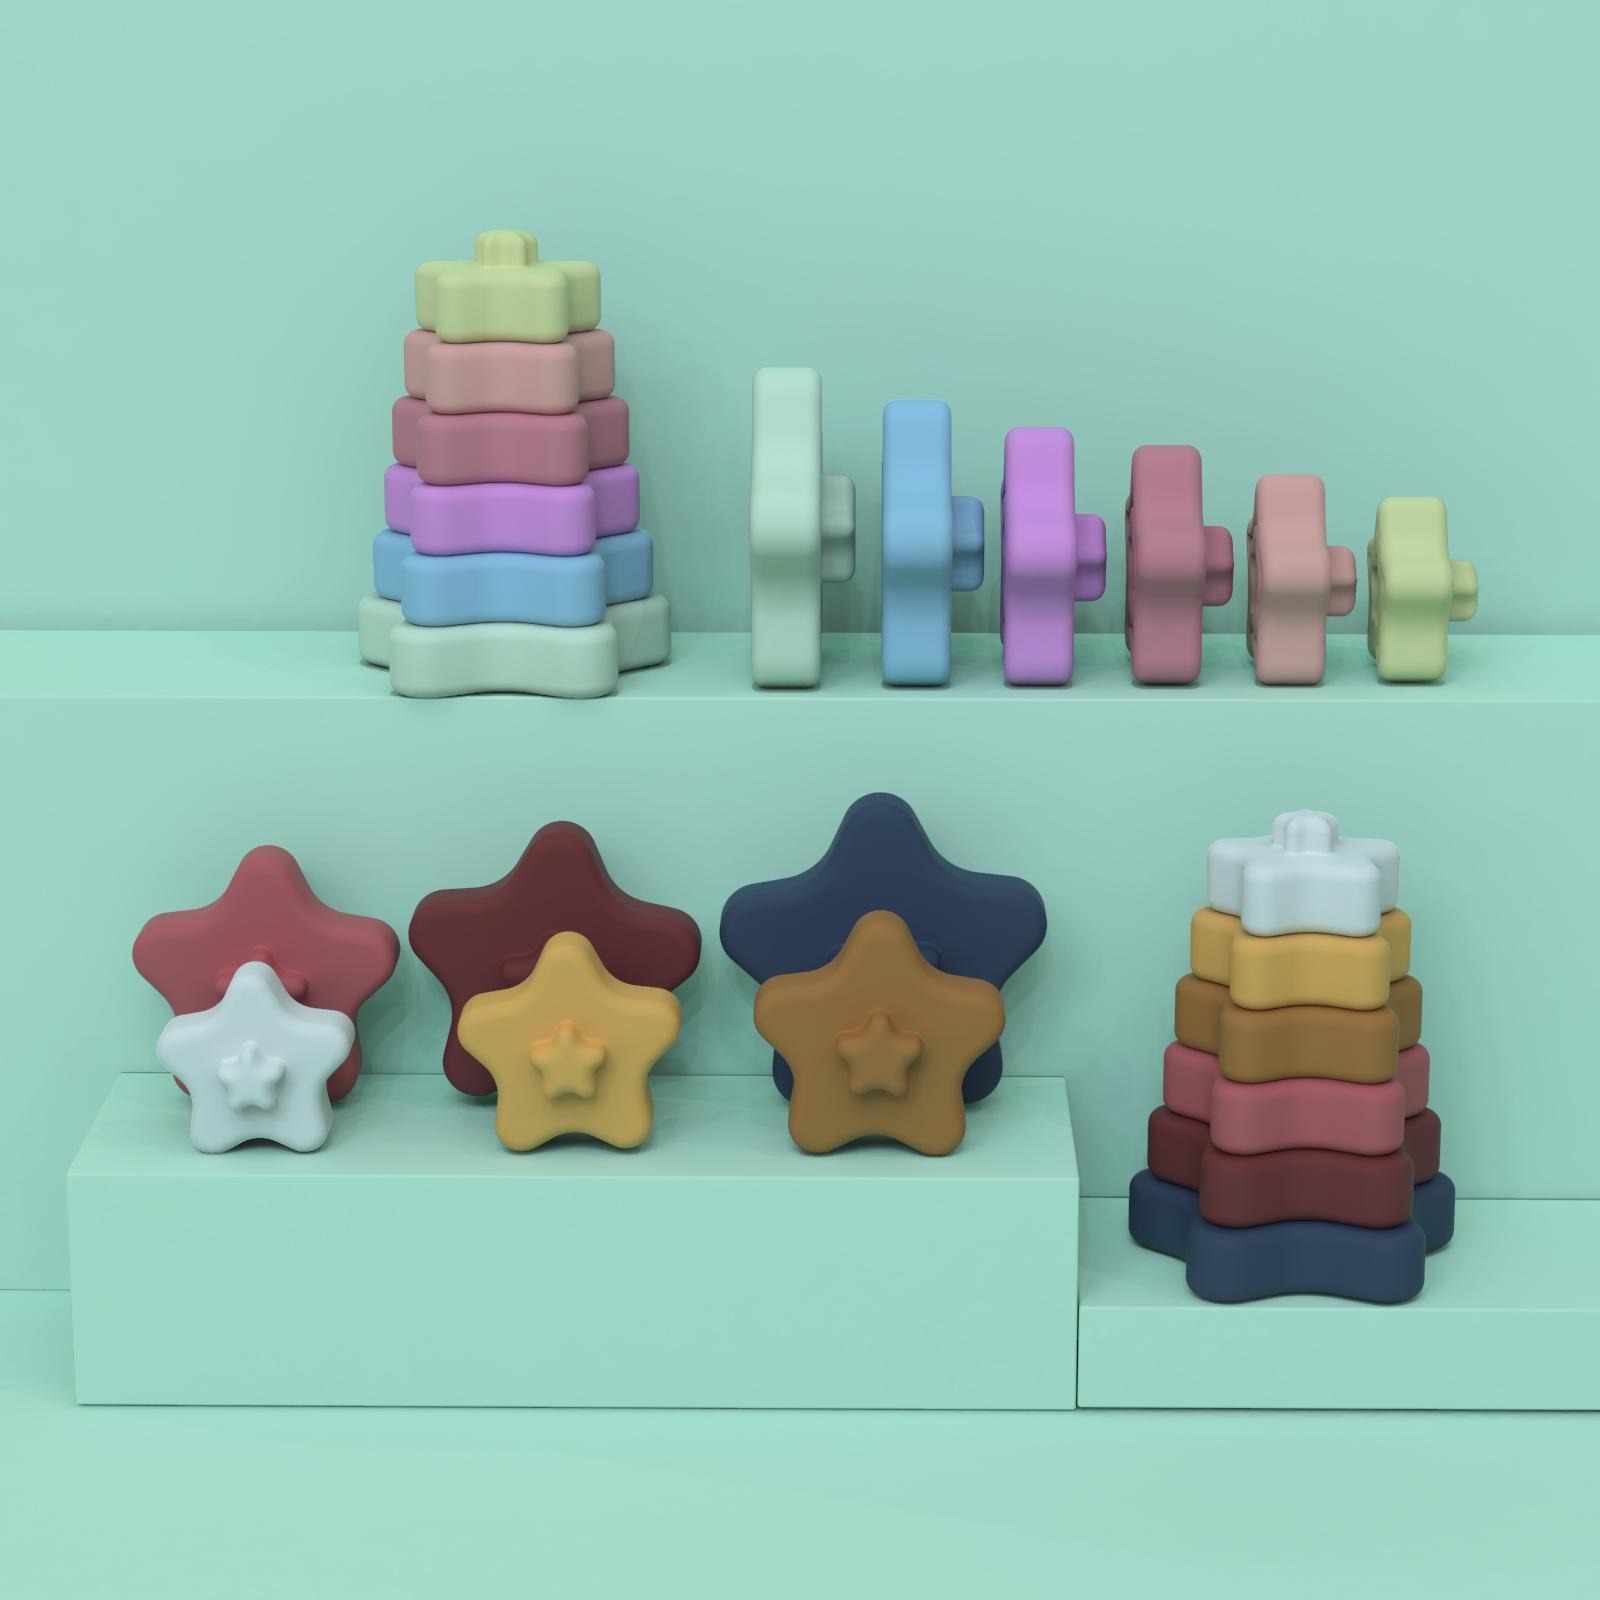 Горячая Распродажа, Новое поступление, одобрено LFGB, оптовая продажа, высококачественные образовательные Силиконовые Прорезыватели для зубов с 6 штуками для детей, малышей